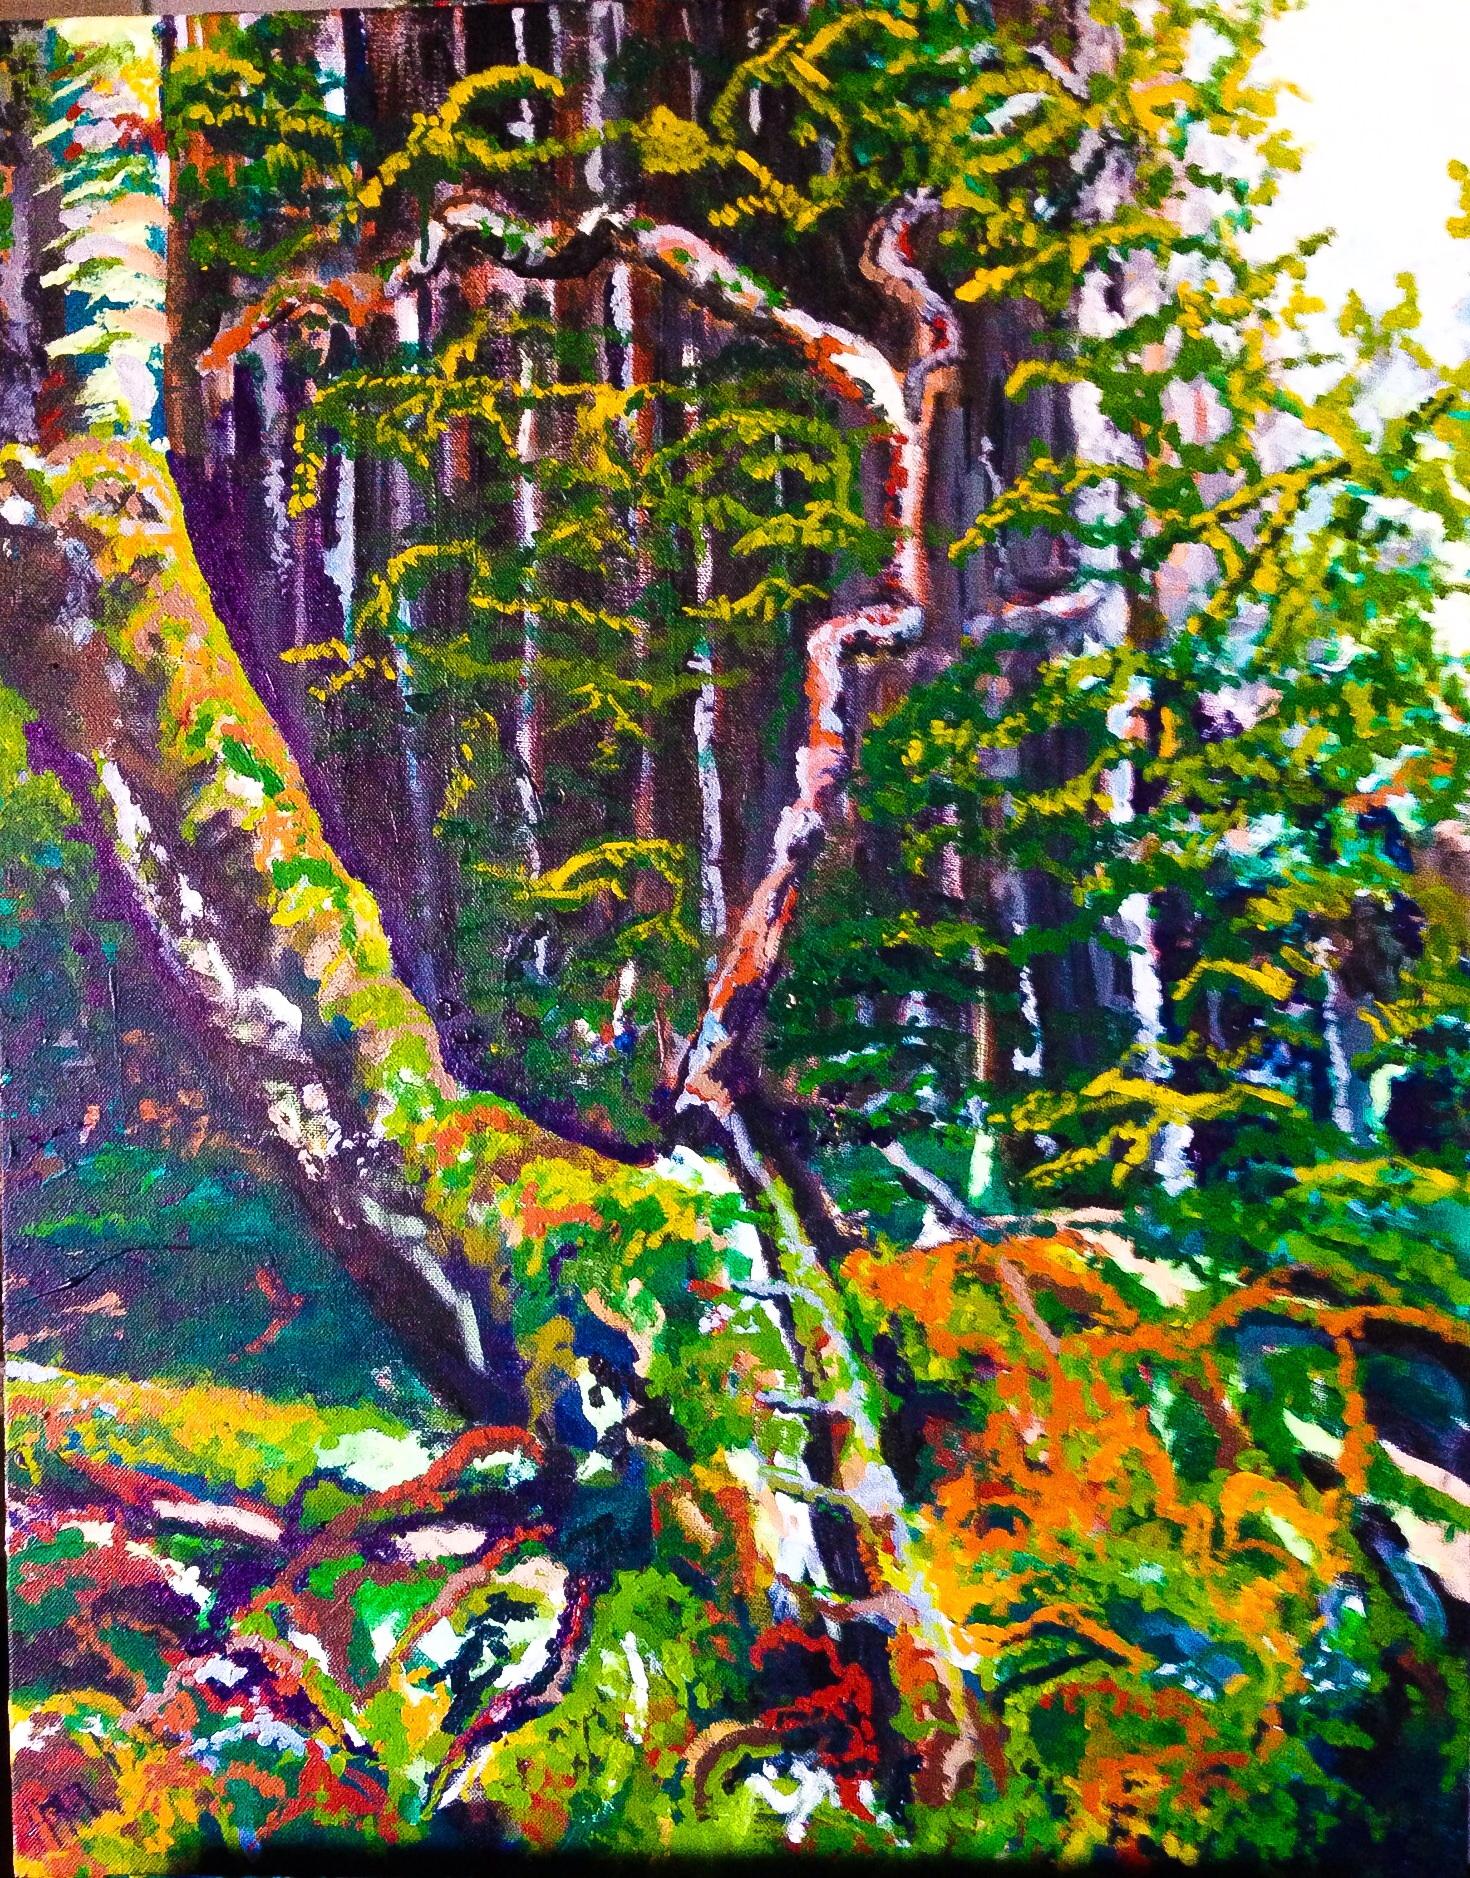 """Haida Gwaii, 3. Acrylic on a Canvass. 22""""x28"""". $650"""